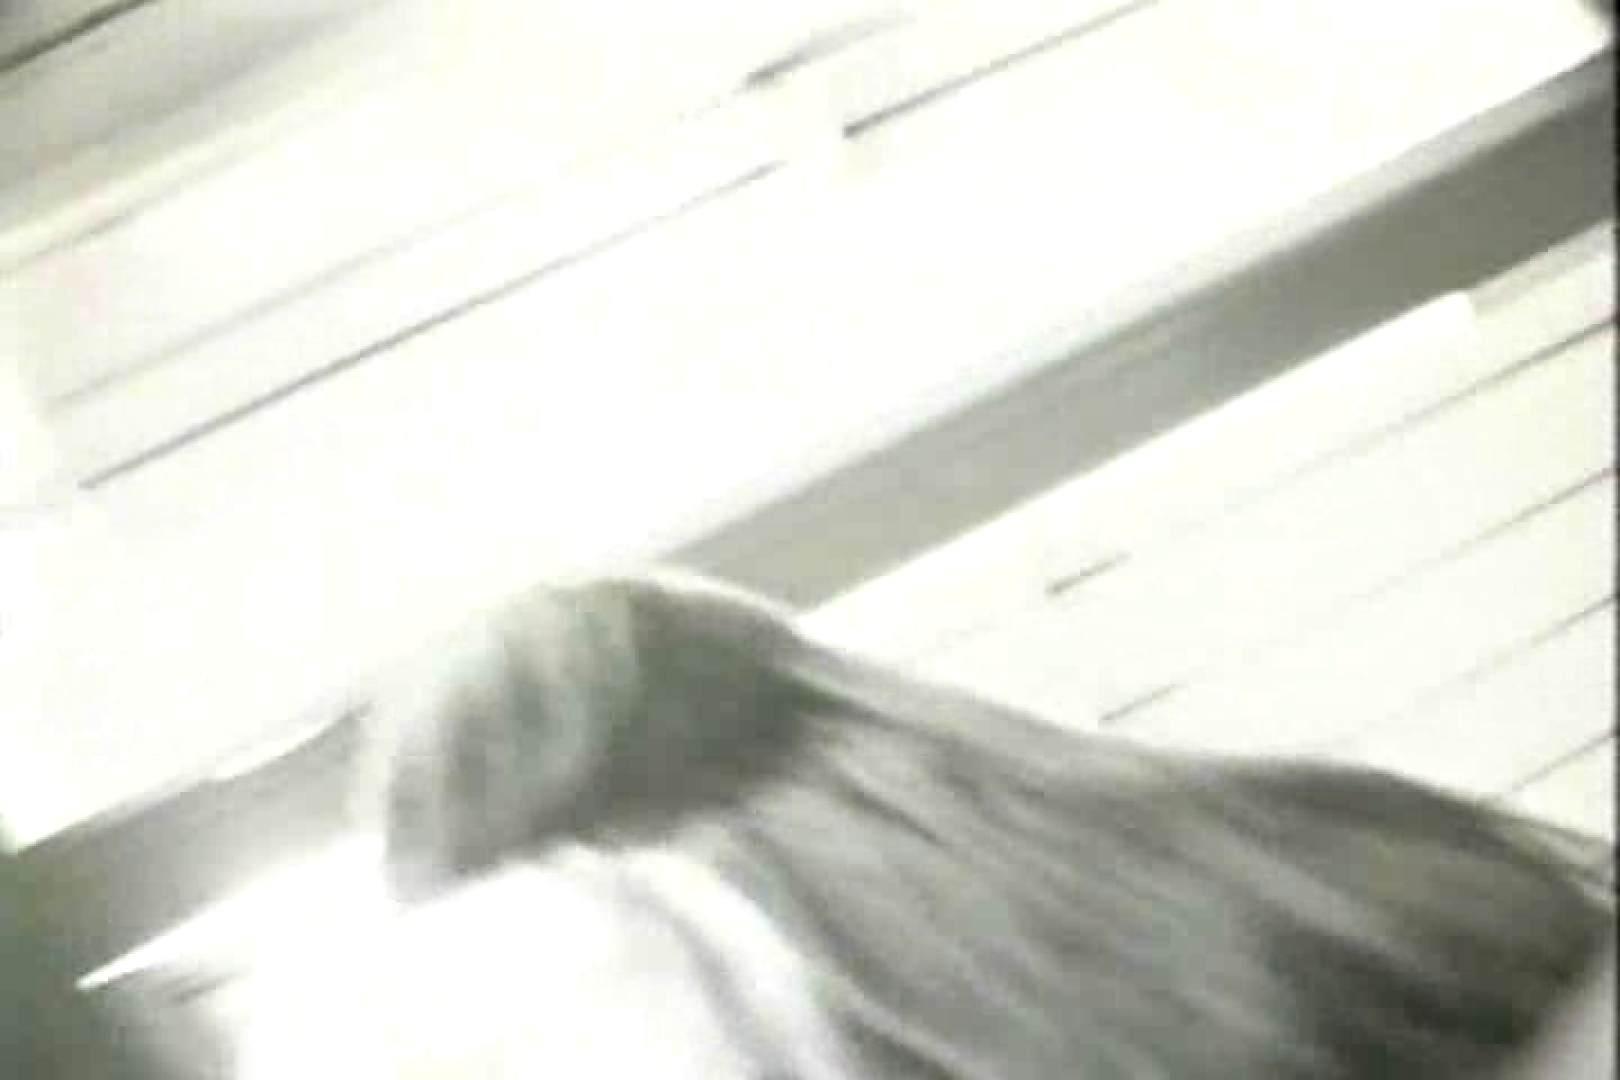 投稿盗撮 女子の下着の考察TK-043 投稿 えろ無修正画像 68画像 62